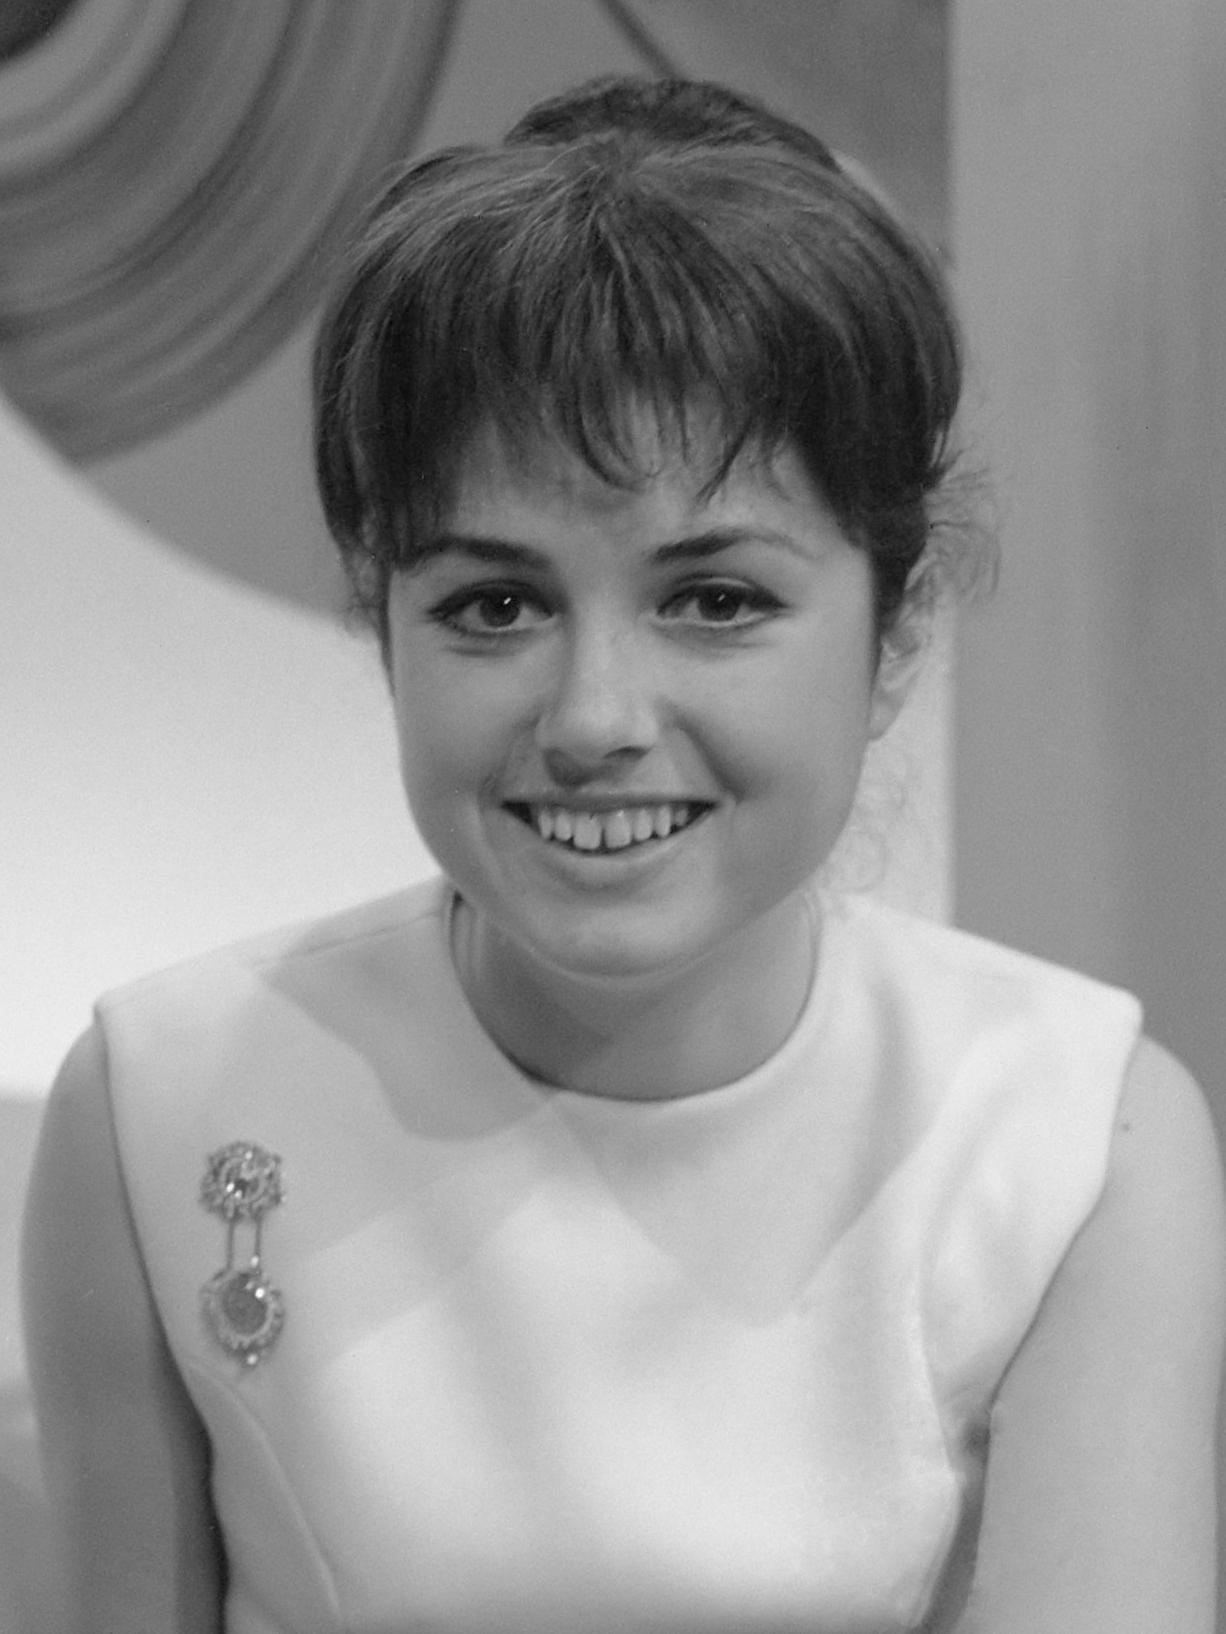 Gigliola Cinquetti (born 1947)